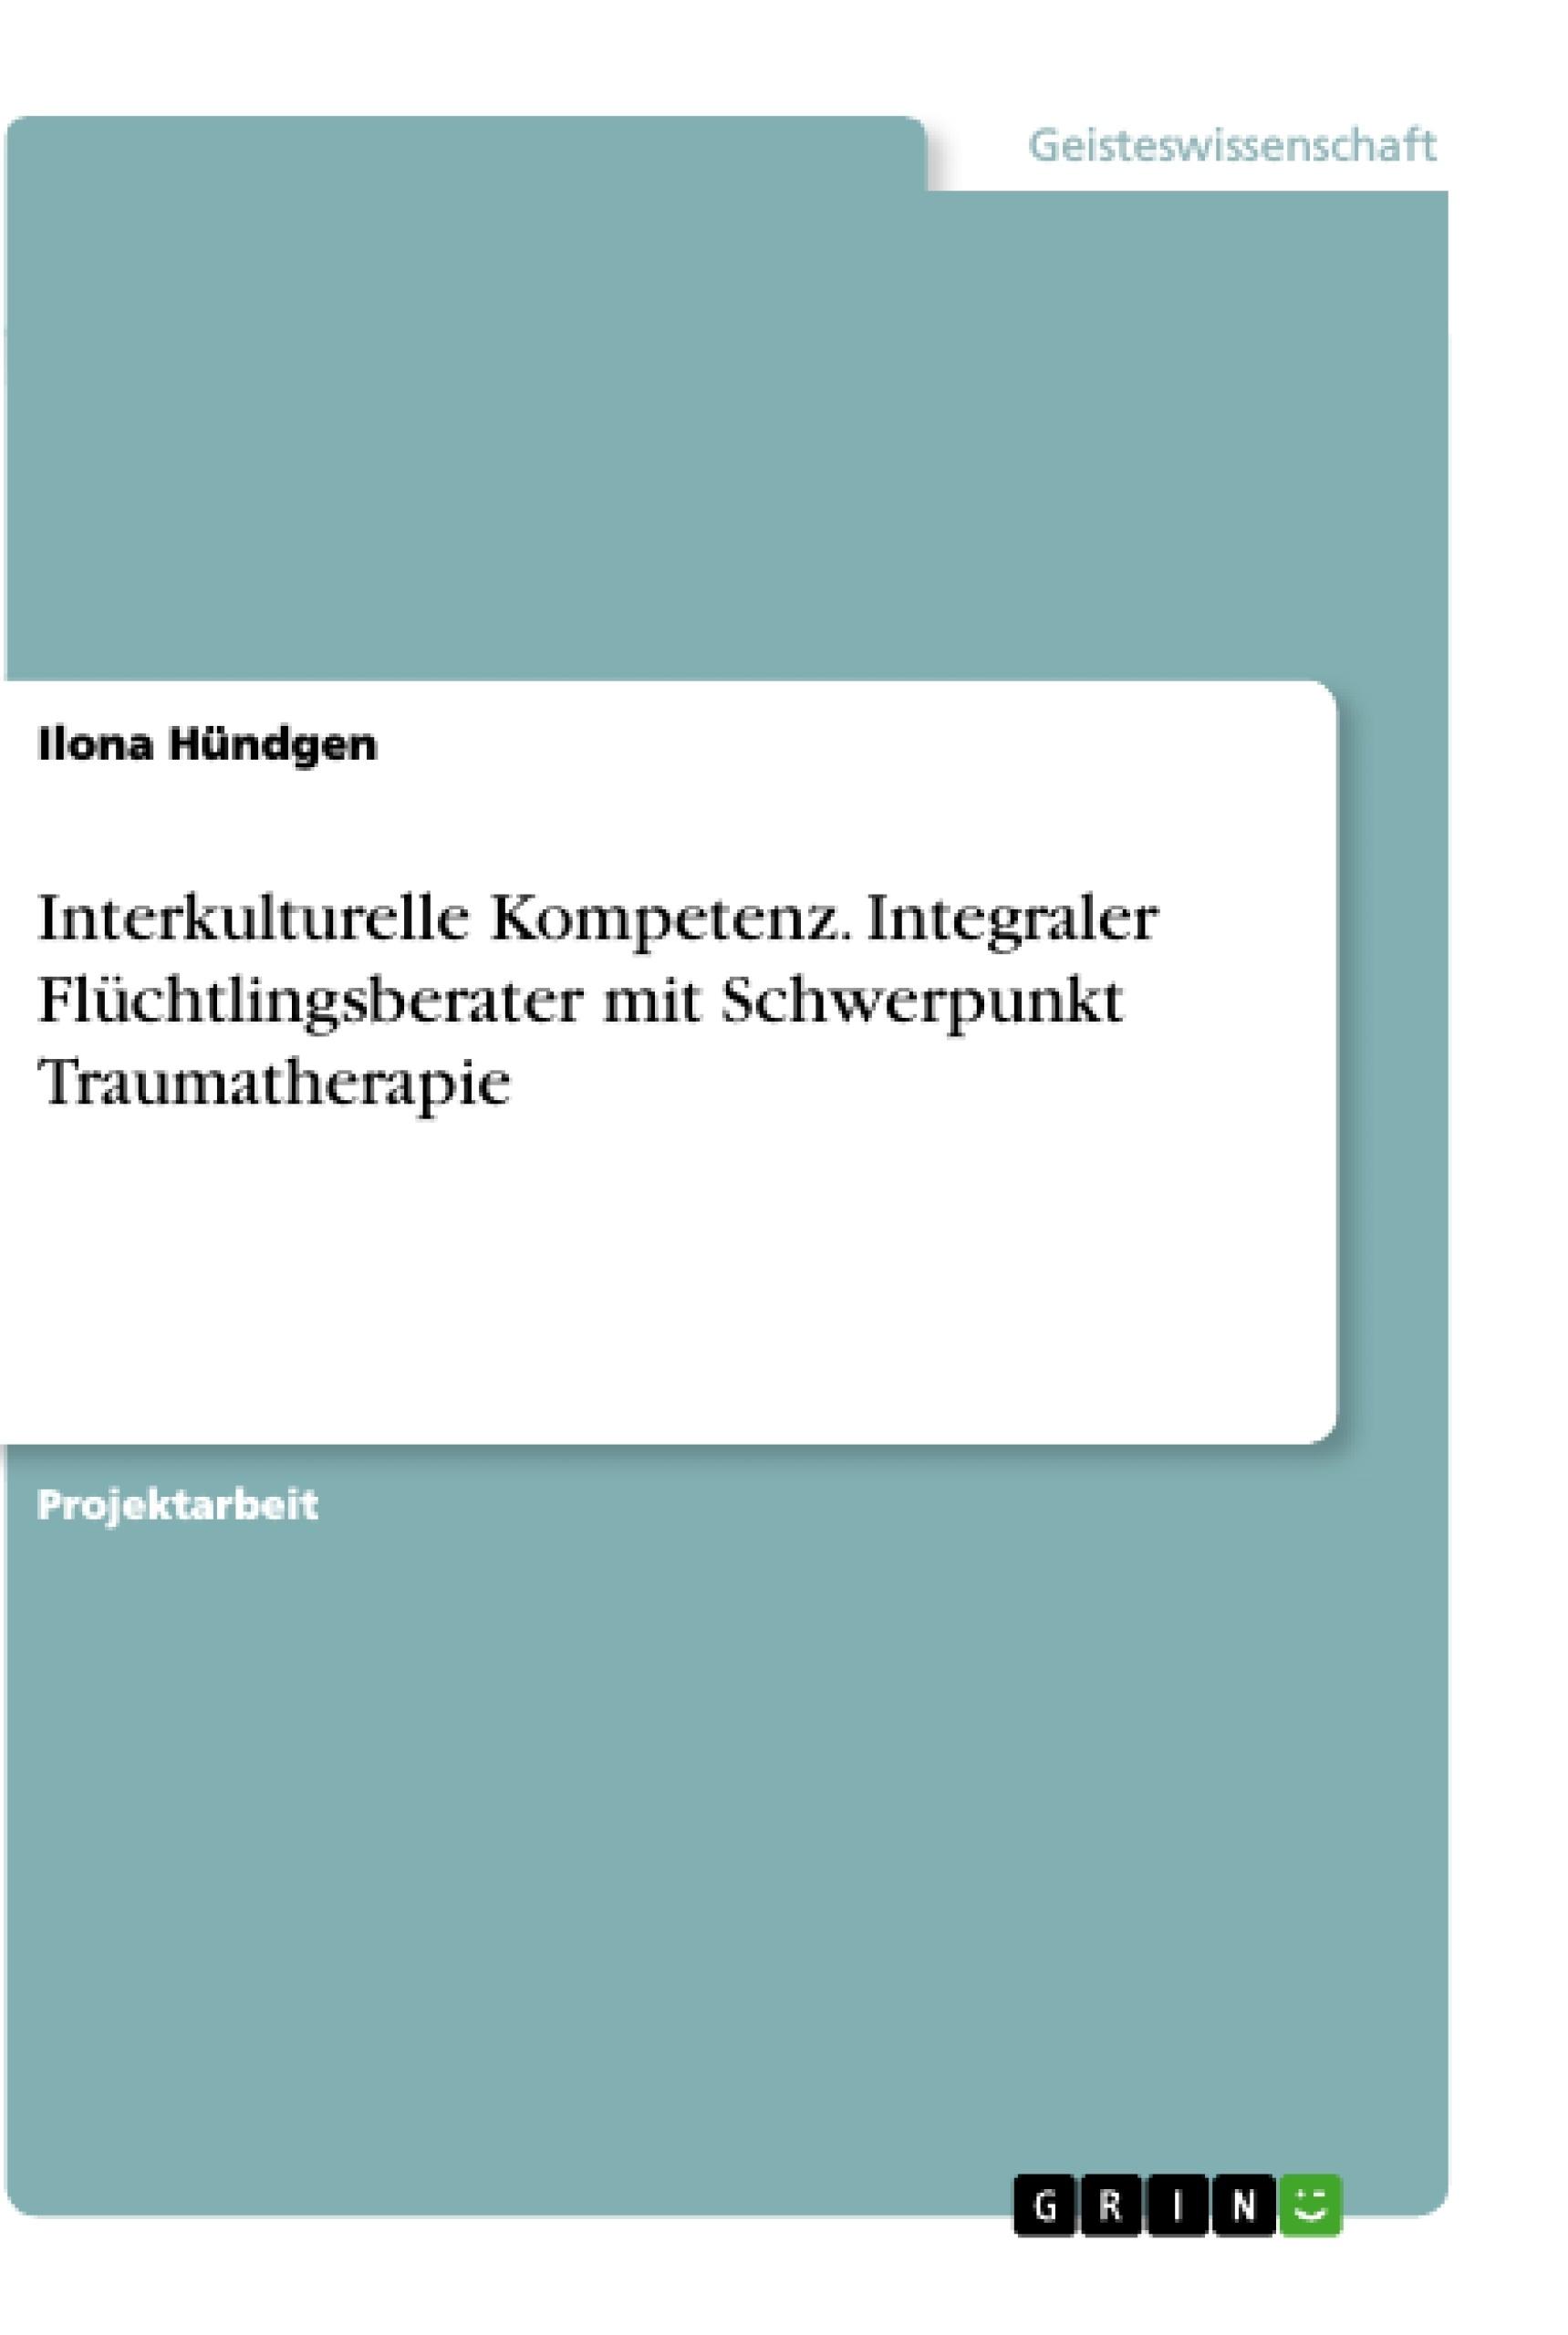 Titel: Interkulturelle Kompetenz. Integraler Flüchtlingsberater mit Schwerpunkt Traumatherapie